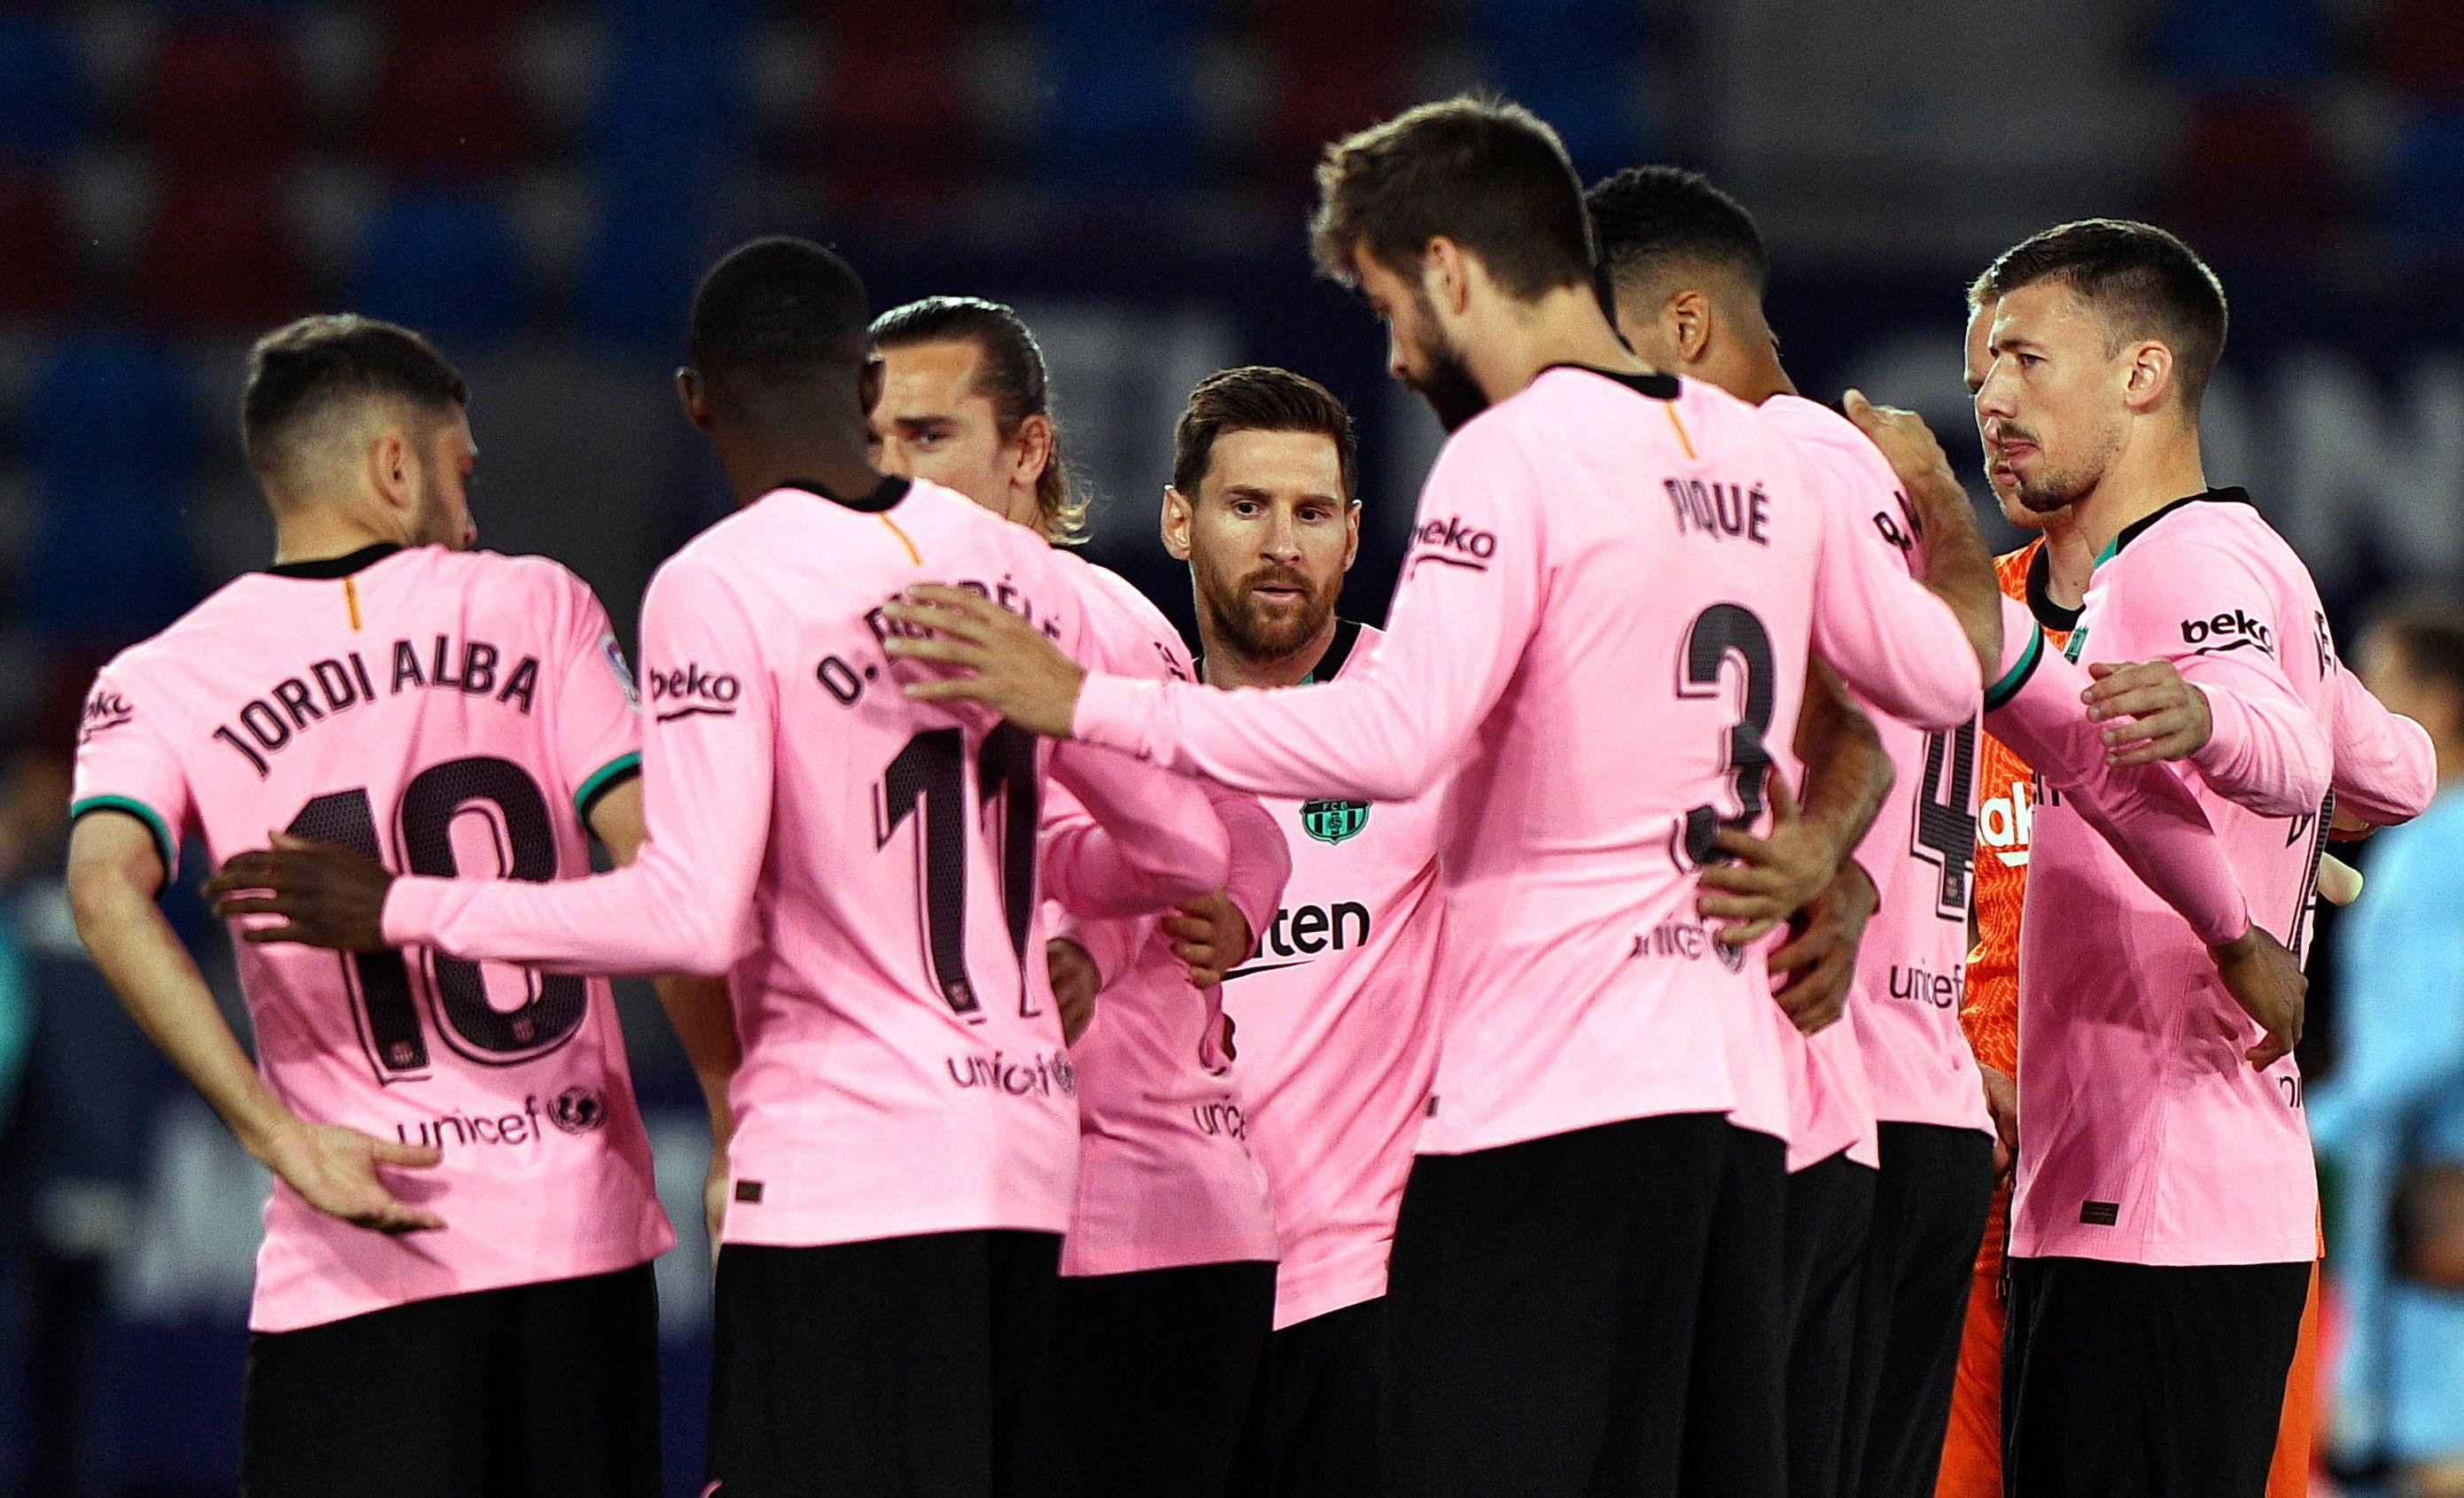 El Barcelona finaliza la temporada con problemas económicos que deberá afrontar (Reuters)